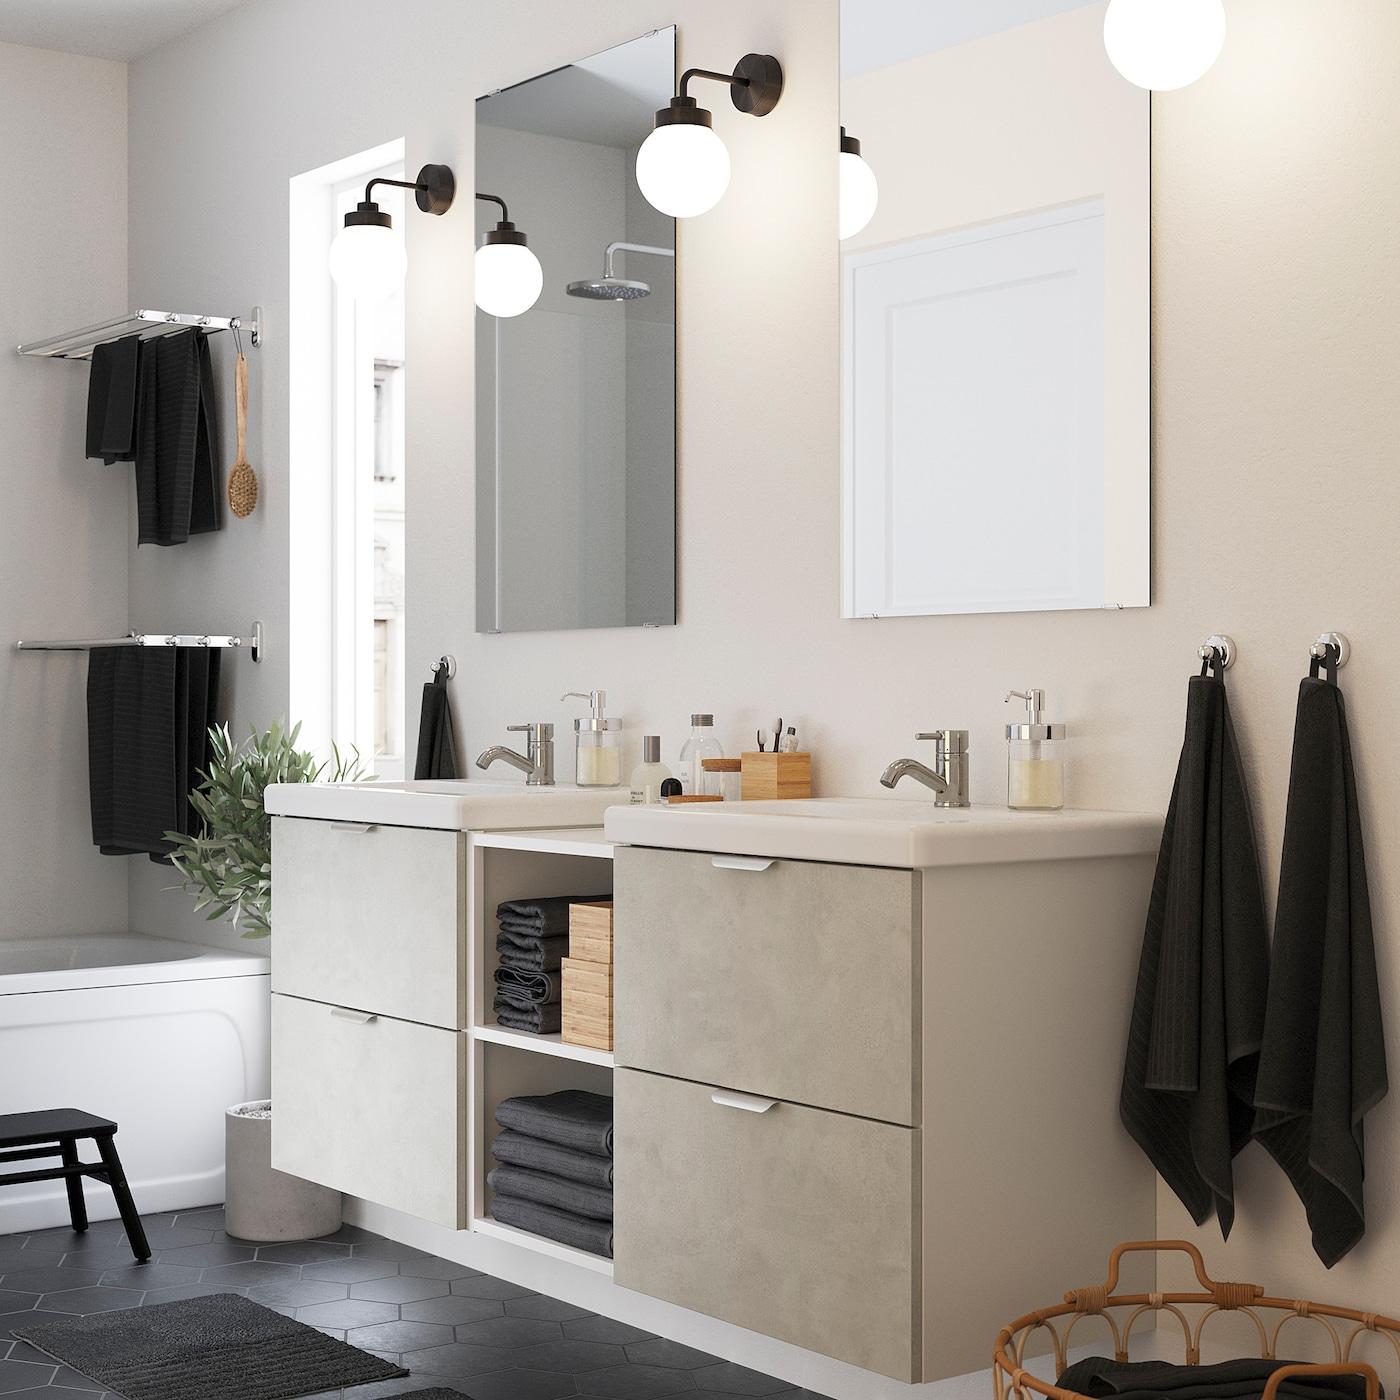 46+ENHET / TVÄLLEN Badezimmer Set 21 tlg.   Betonmuster/weiß PILKÅN ...